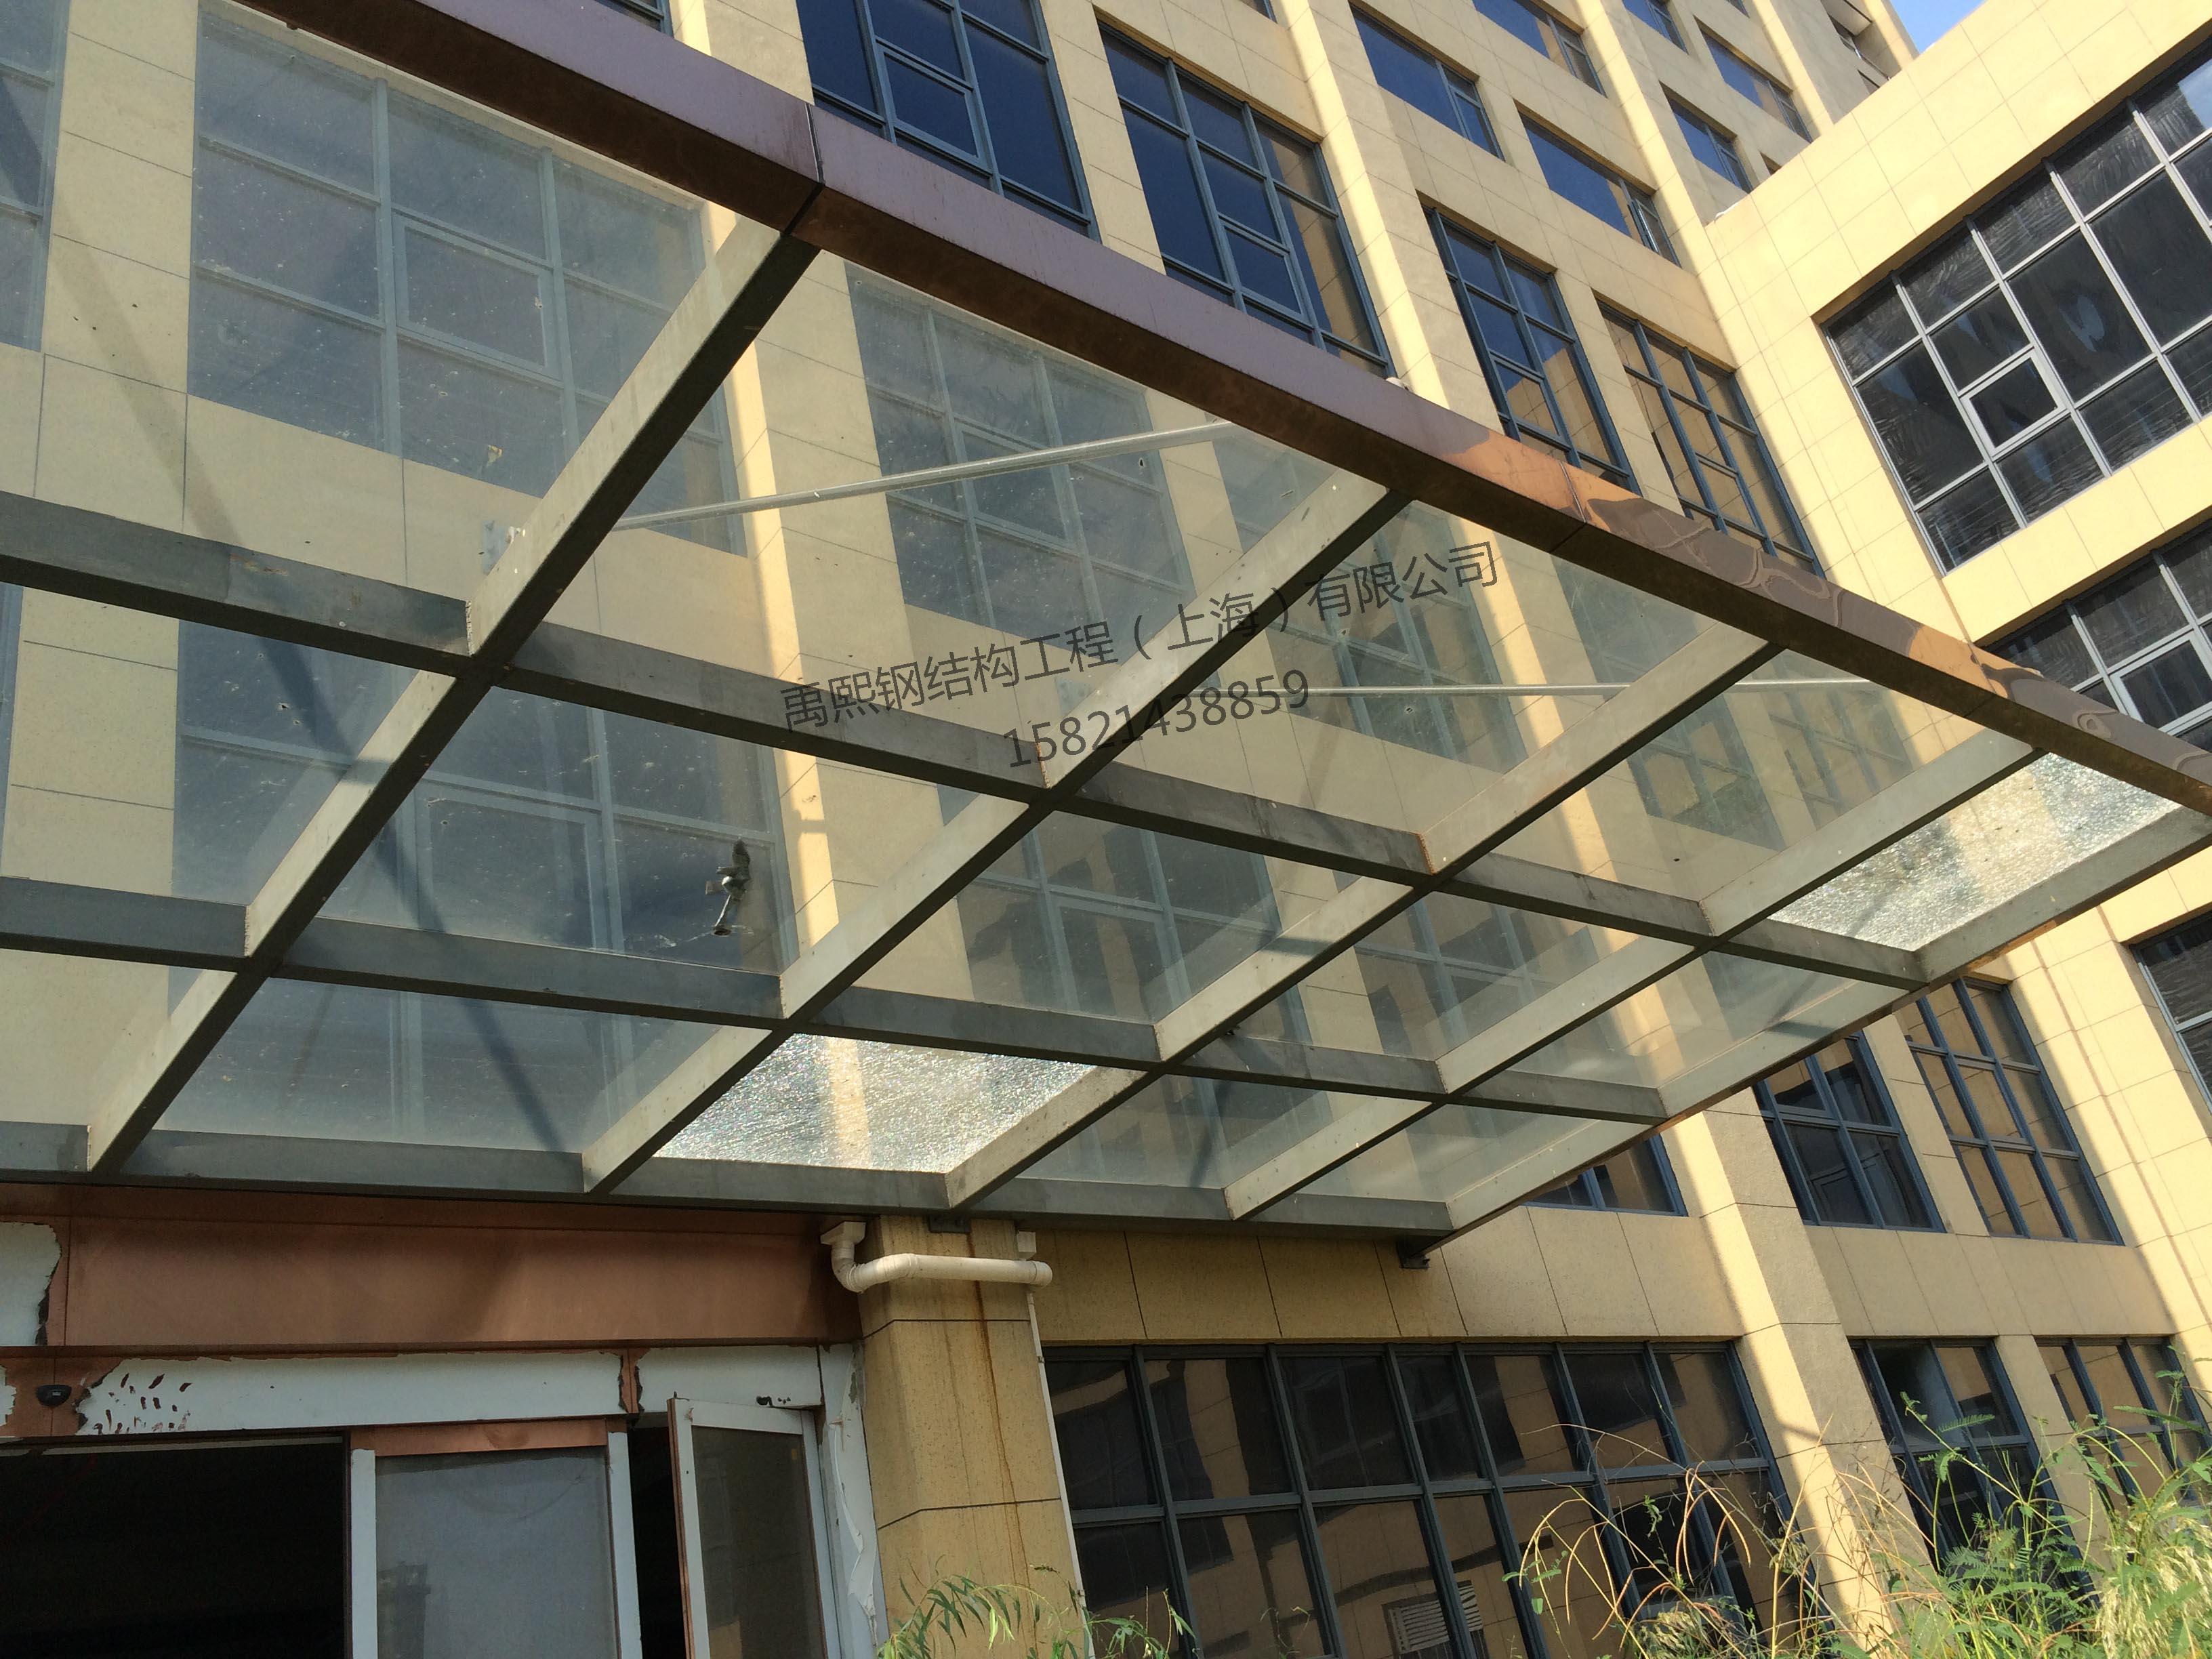 网架屋面,雨棚工程     钢结构雨棚是建在两座建筑物之间,起到接通两